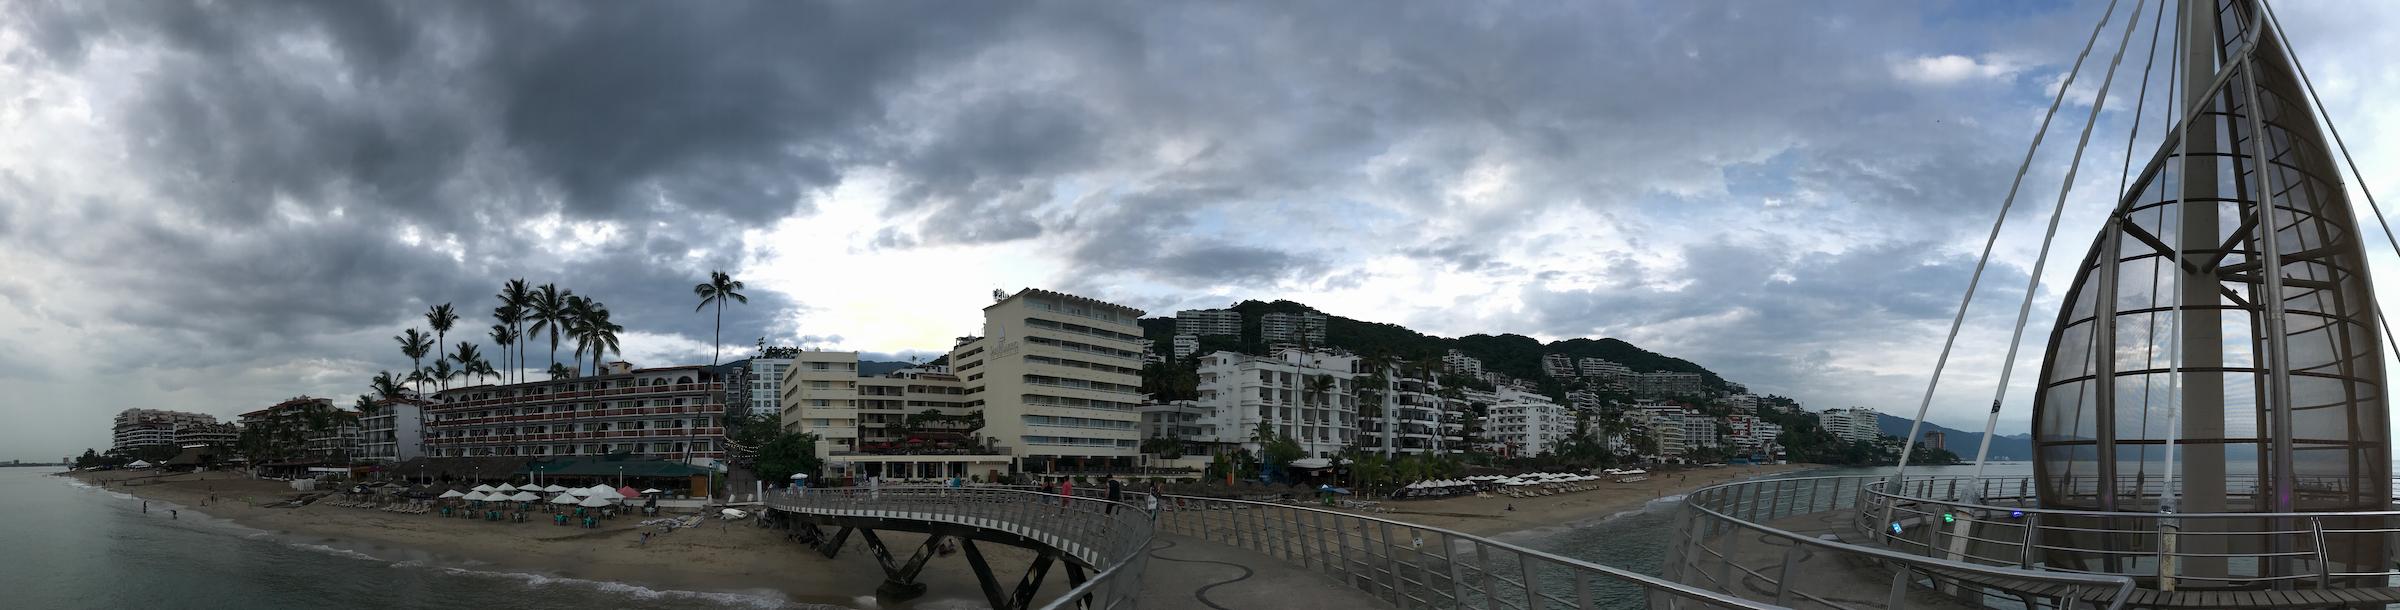 Josh Miller_runJMrun_Puerto Vallarta 5.jpg